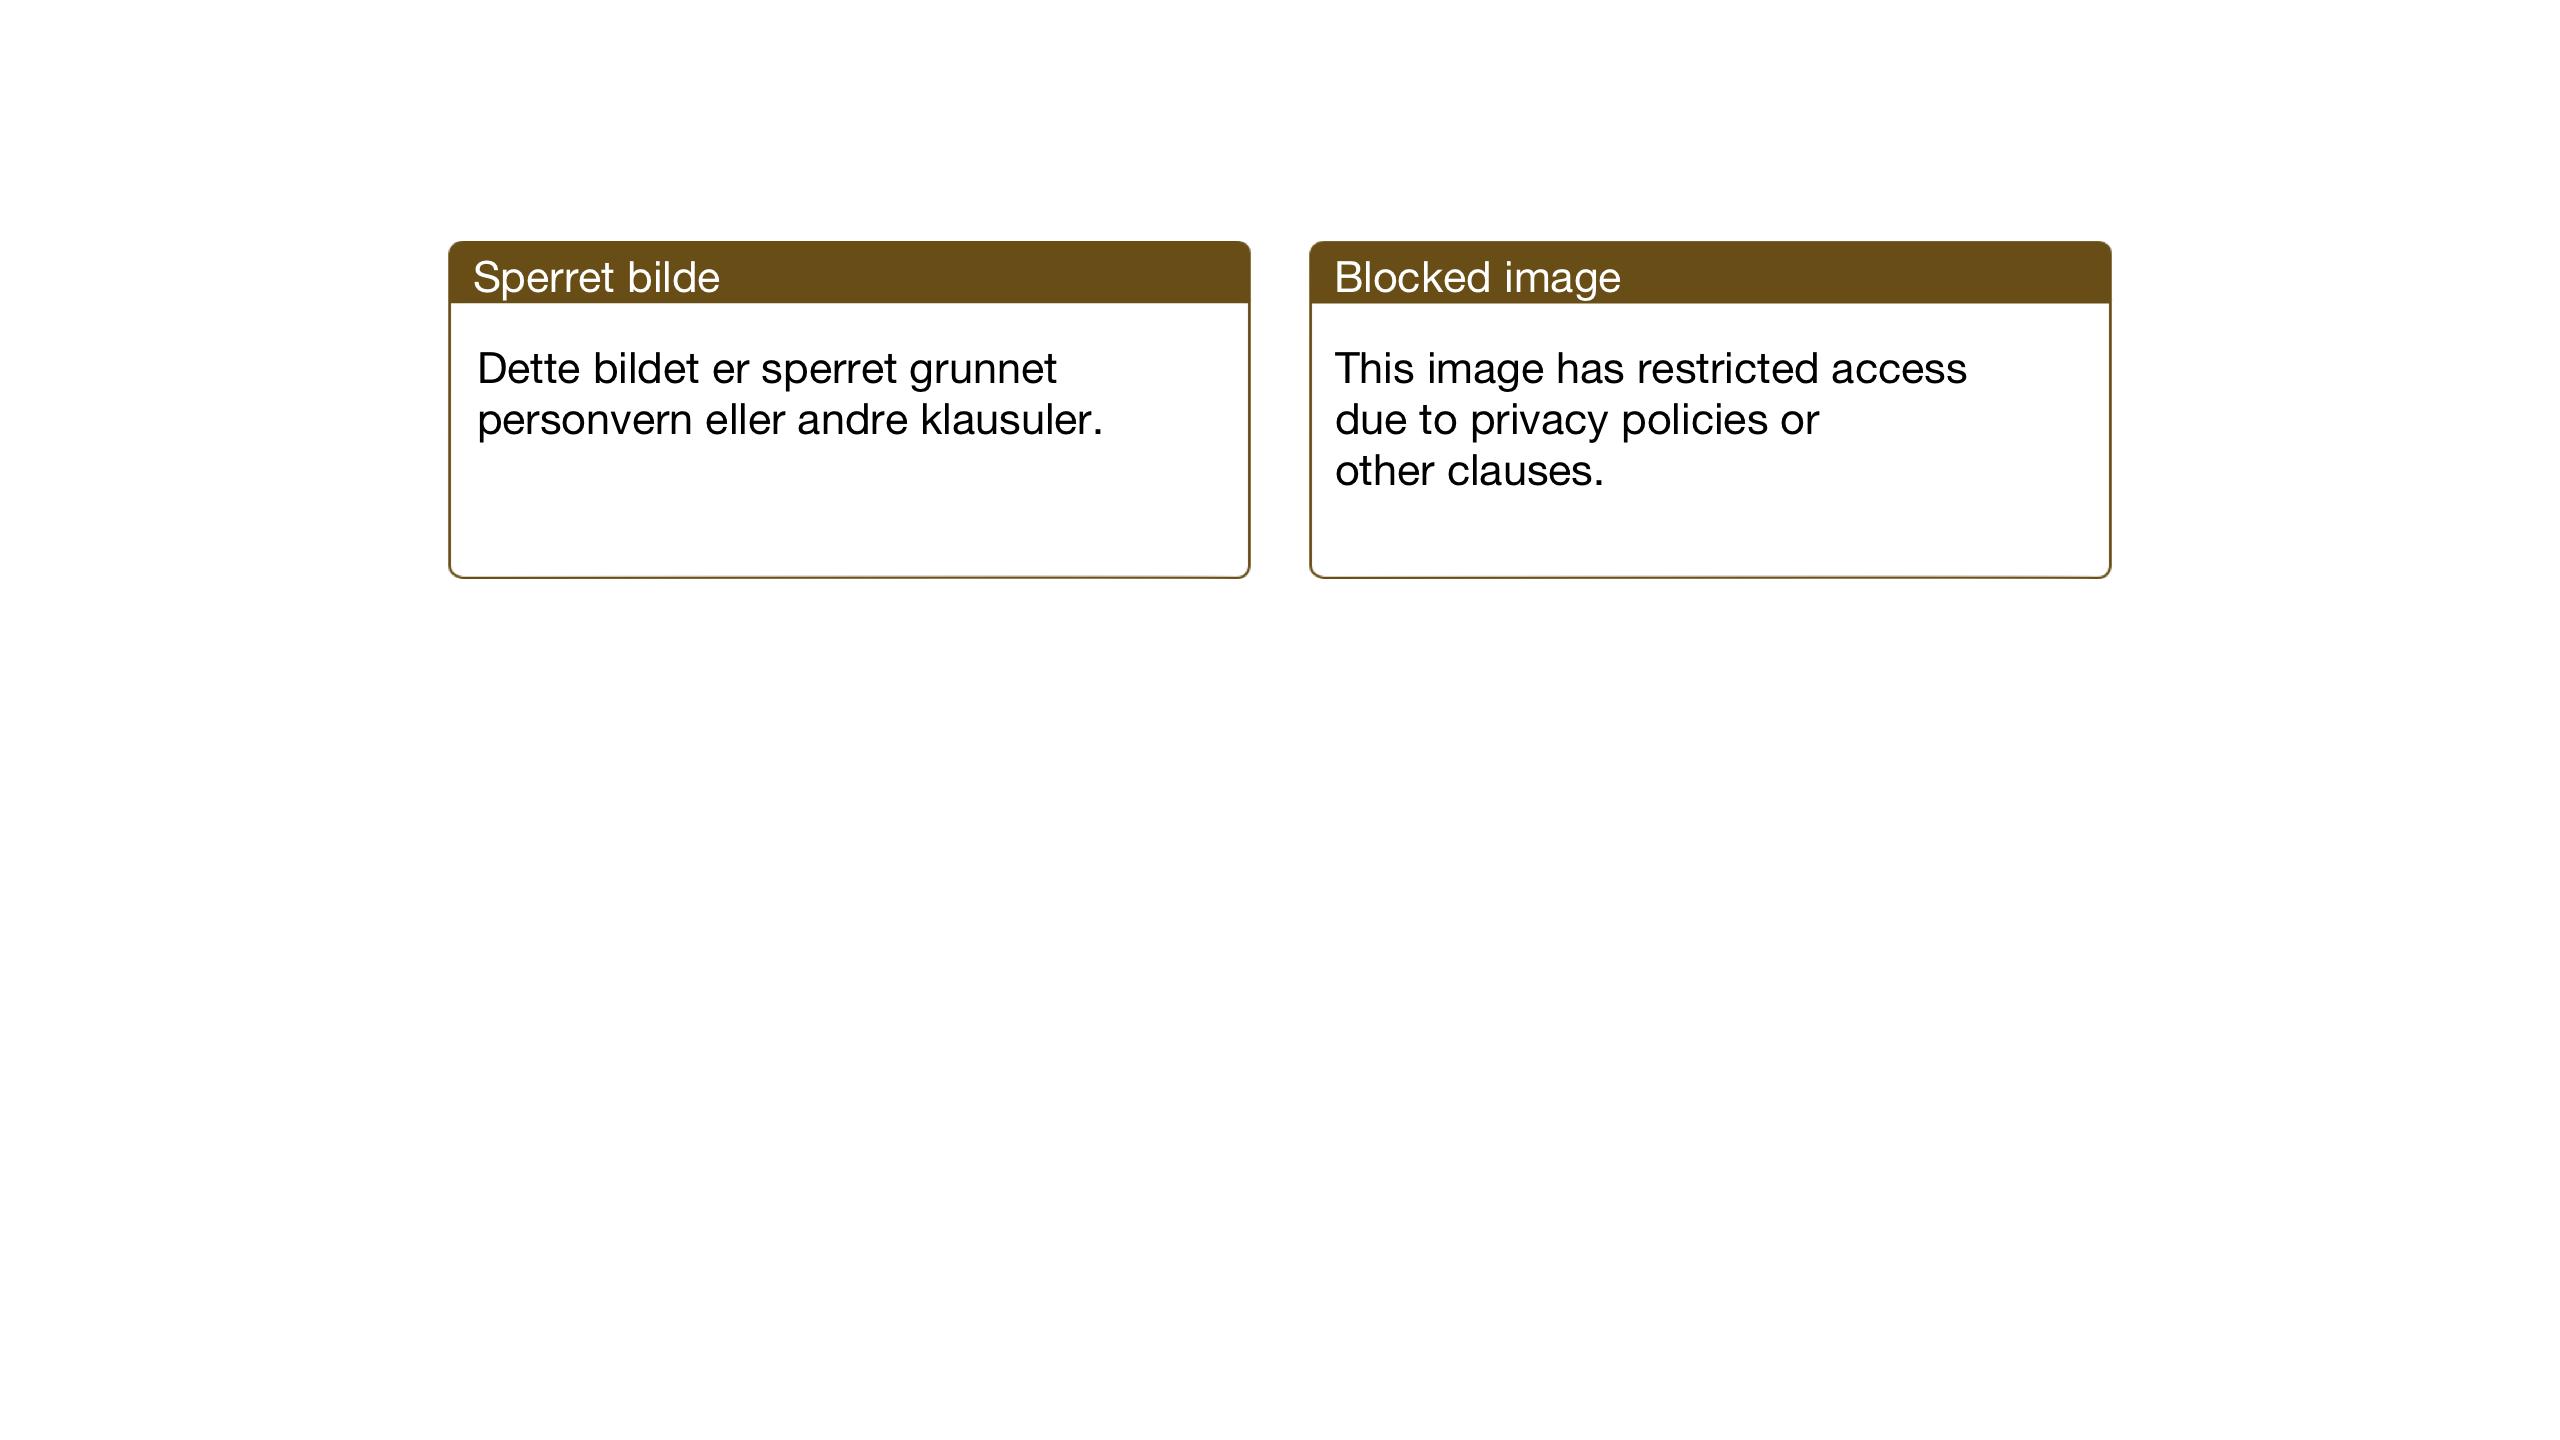 SAT, Ministerialprotokoller, klokkerbøker og fødselsregistre - Nord-Trøndelag, 739/L0377: Klokkerbok nr. 739C05, 1940-1947, s. 14